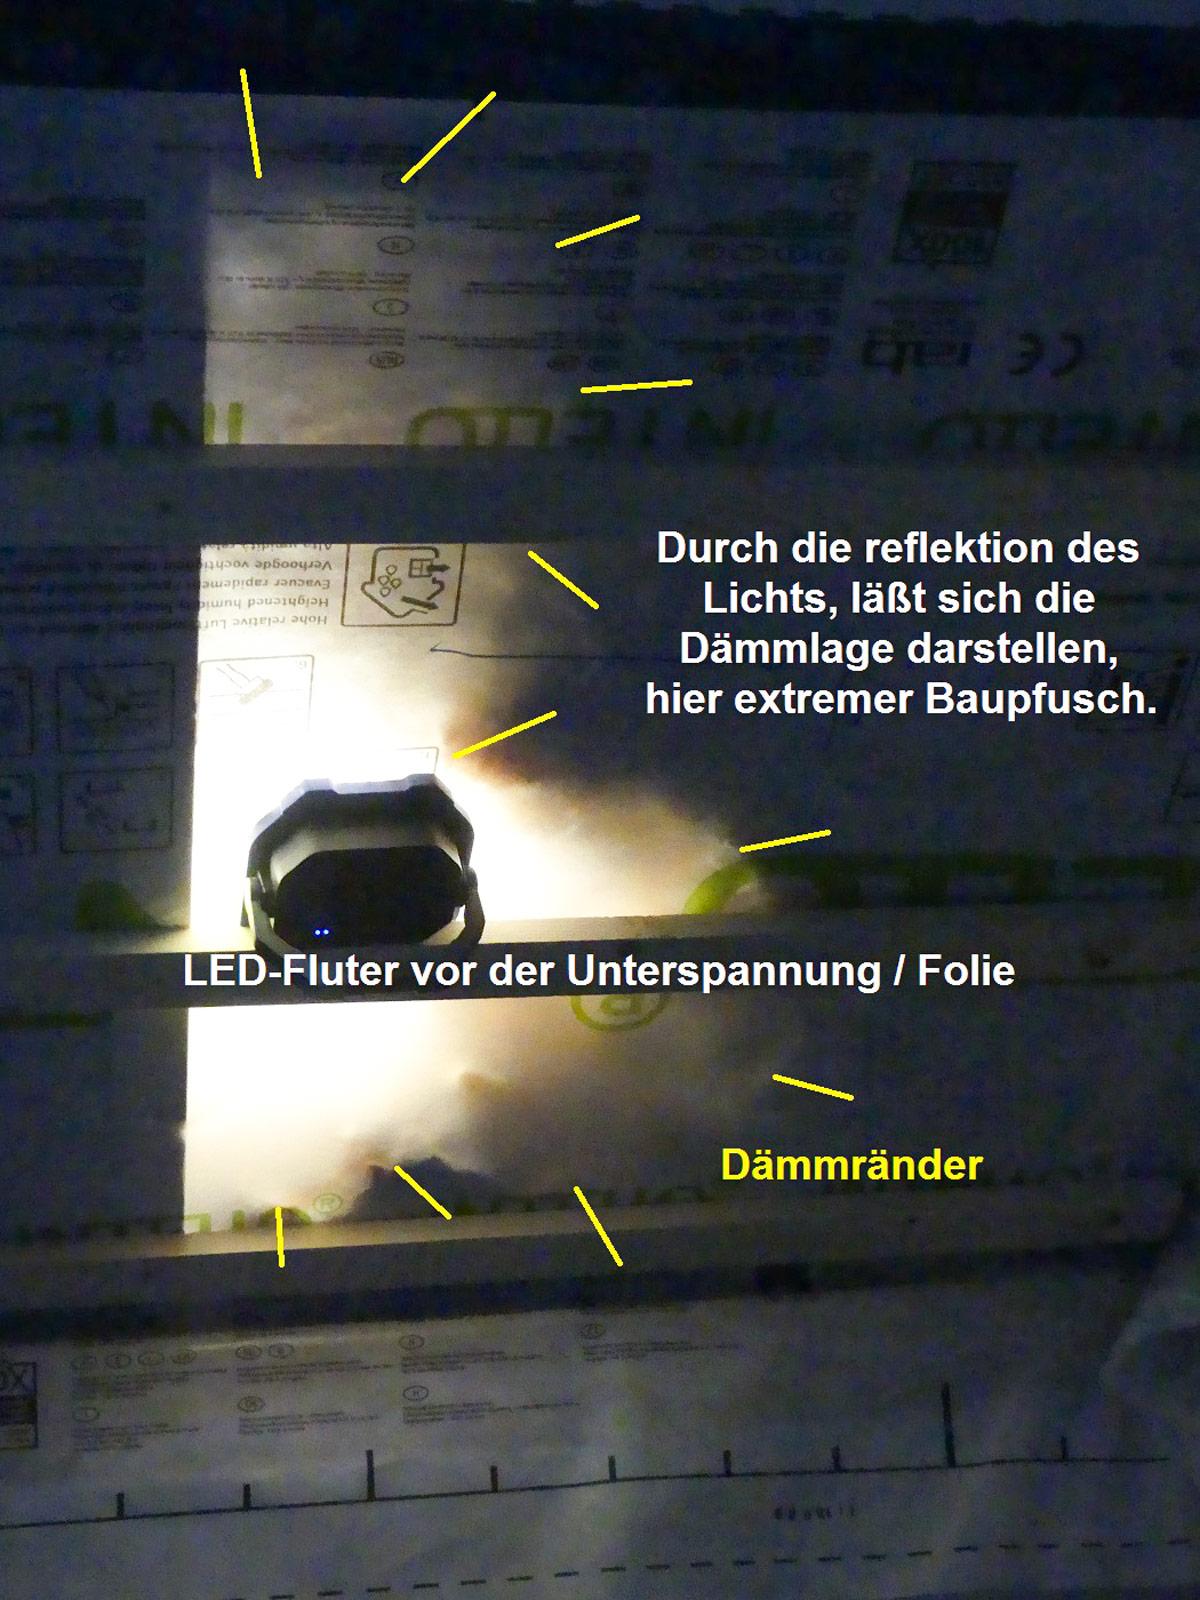 Vollsparrendaemmung-Pfusch-LED-Fluter